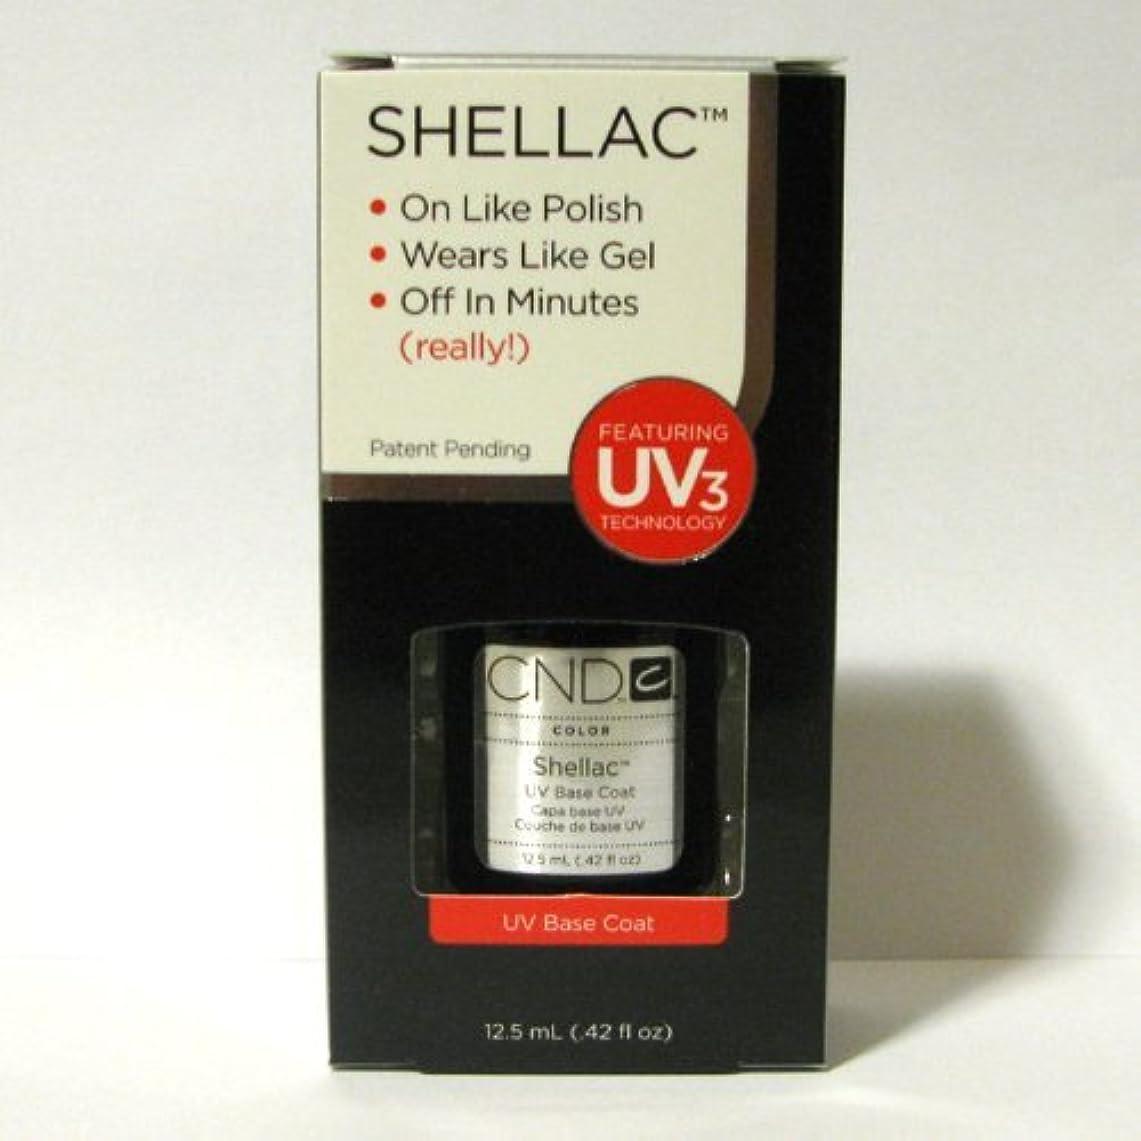 罹患率離れてフリルCND(シーエヌディー) シェラック UVベースコート12.5mL